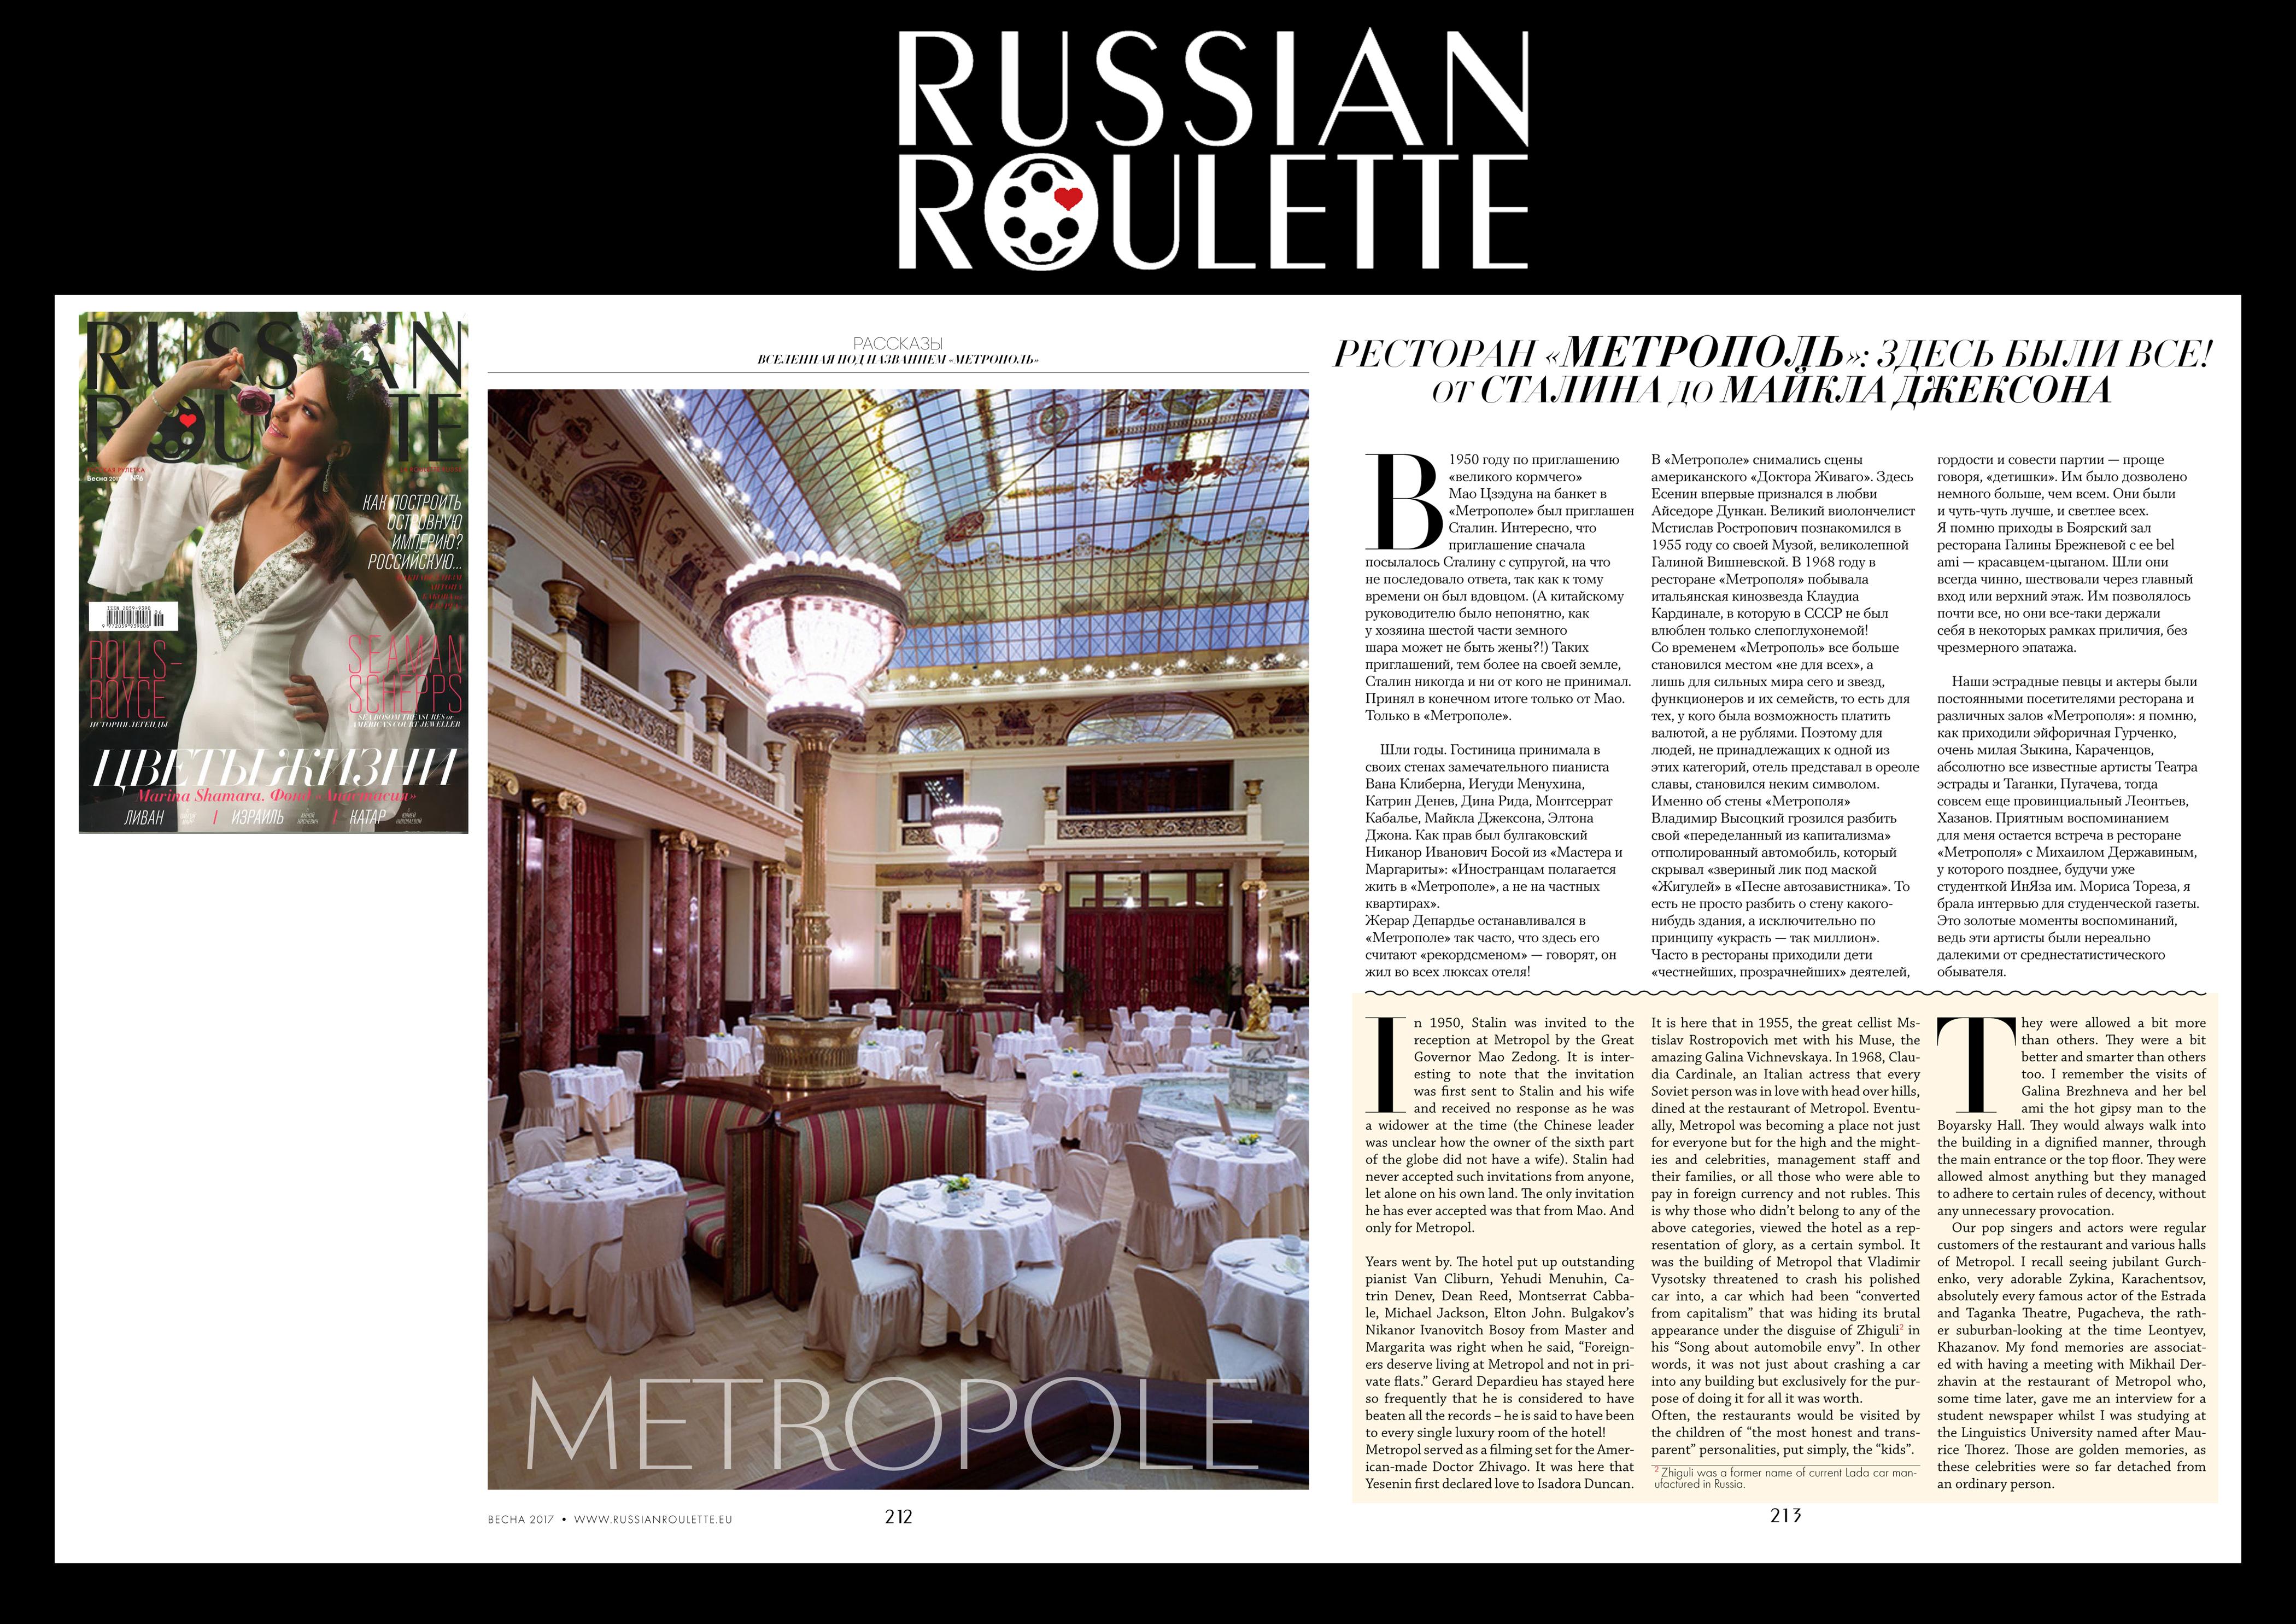 RUSSIAN ROULETTE METROPOLE 3-4